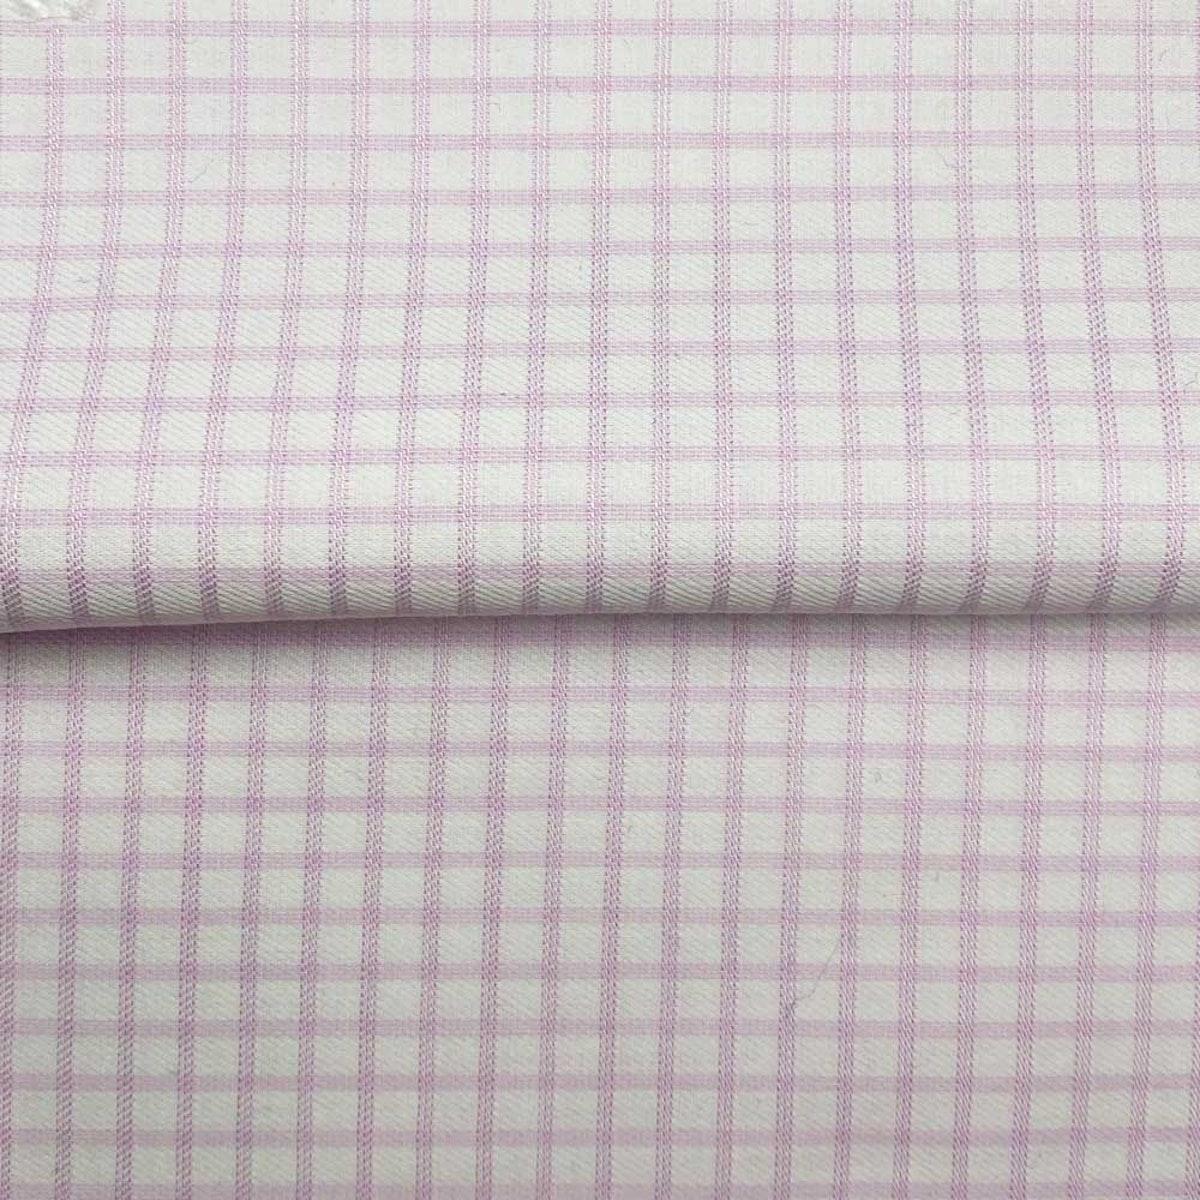 InStitchu Shirt Fabric 171